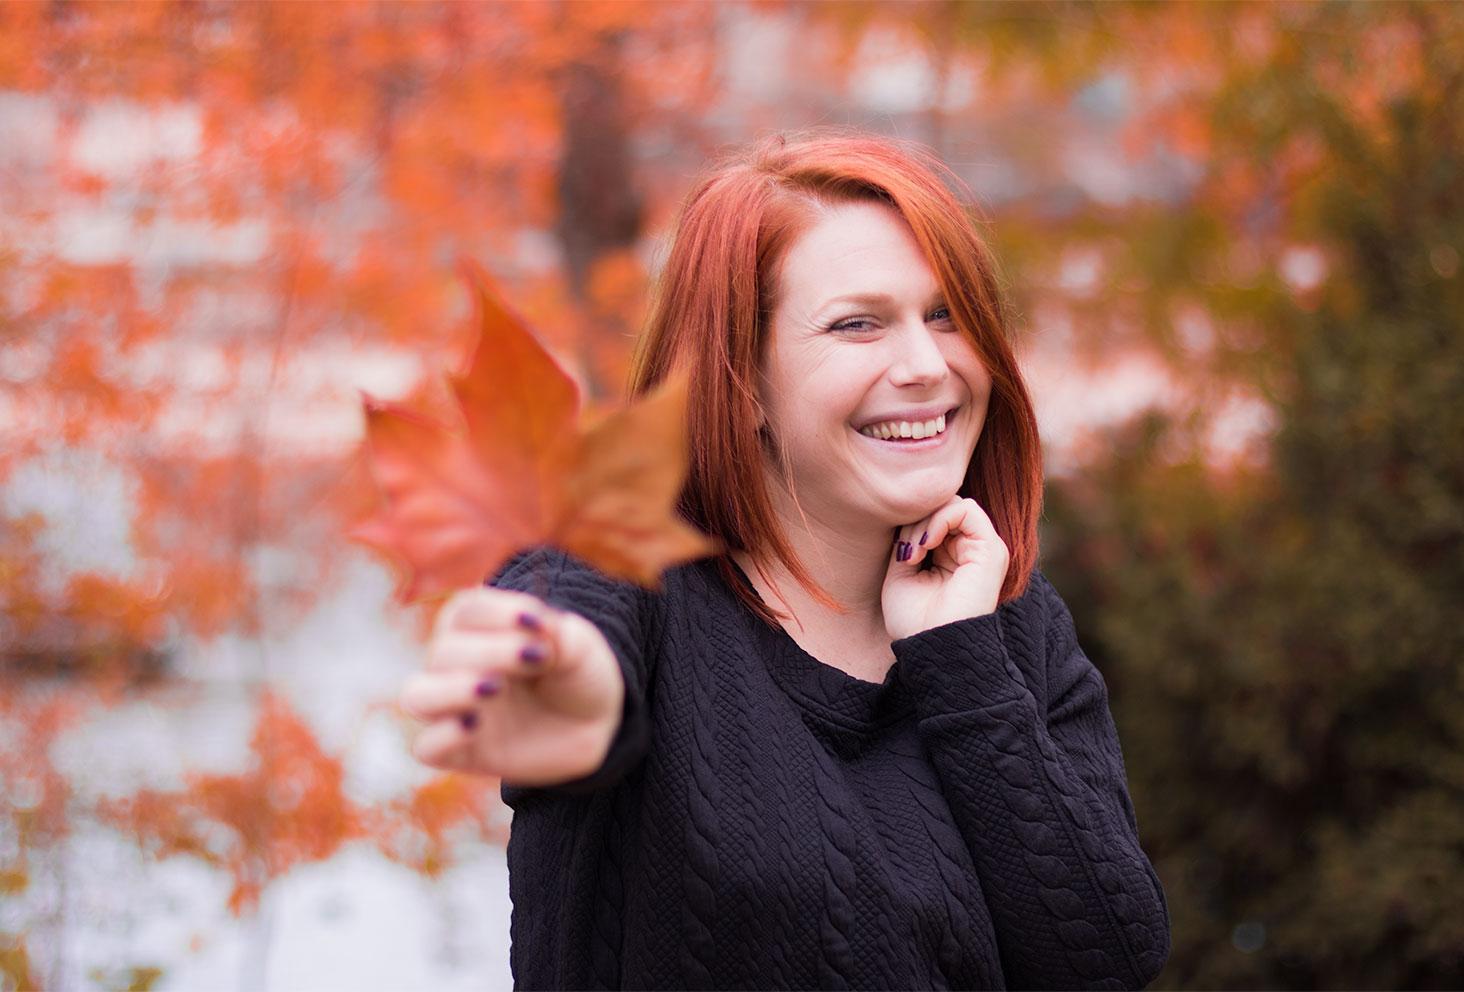 Zoom visage et feuille automnale orange pour le look Modz